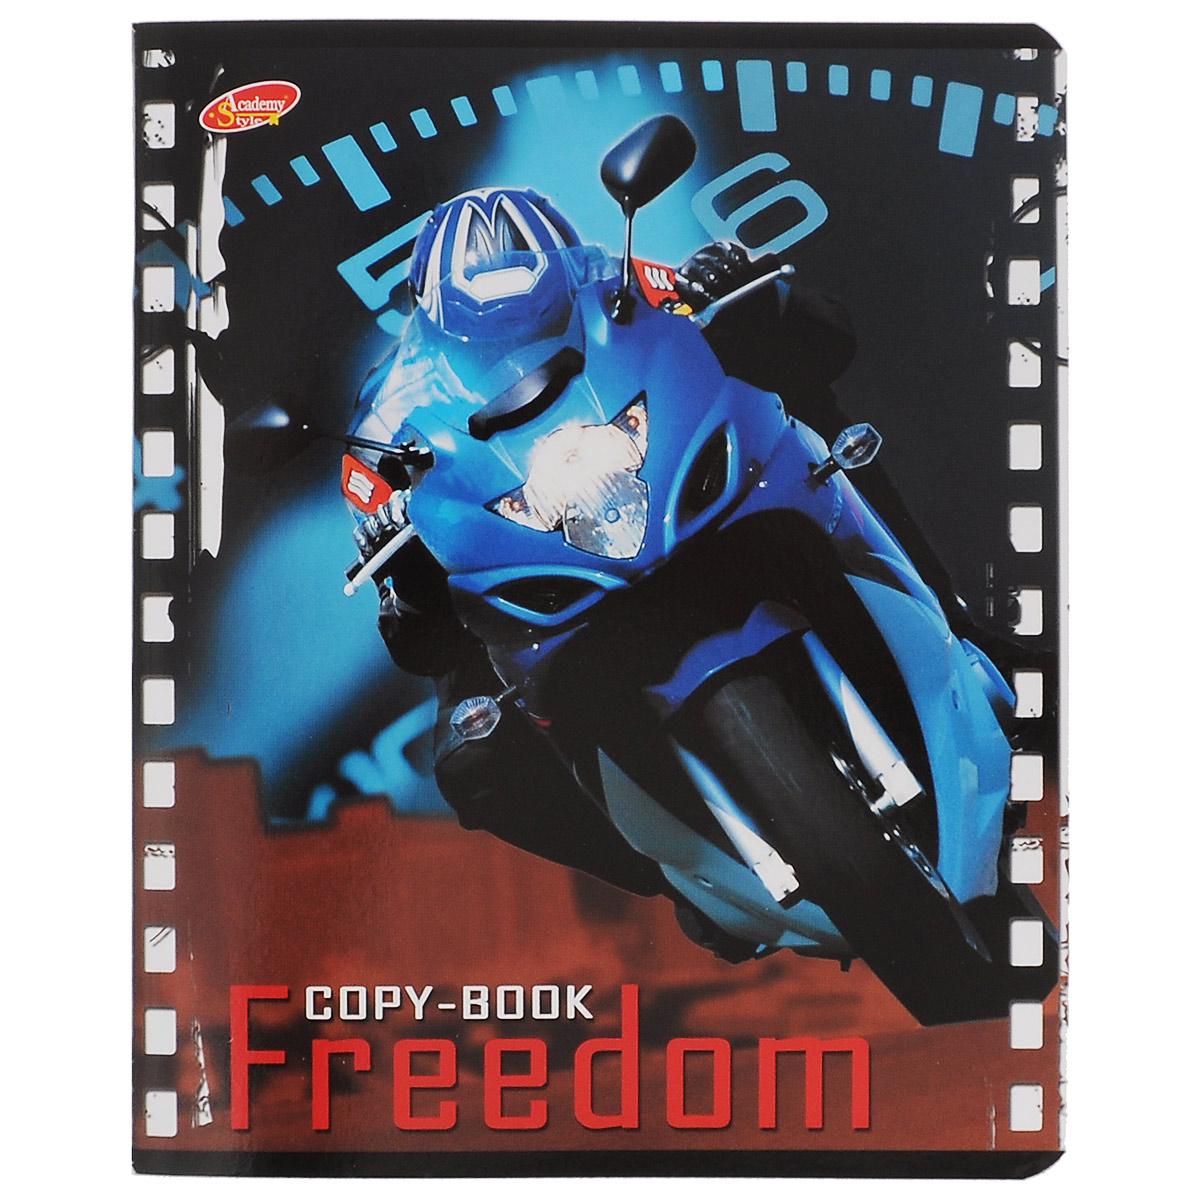 Тетрадь Freedom Мотоцикл, 80 листов, формат А5, цвет: голубой6595/5_ГолубойТетрадь в клетку Freedom Мотоцикл с красочным изображением мотоцикла на обложке подойдет как студенту, так и школьнику. Обложка тетради с закругленными углами выполнена из картона. Внутренний блок состоит из 80 листов белой бумаги. Стандартная линовка в клетку дополнена полями, совпадающими с лицевой и оборотной стороны листа.